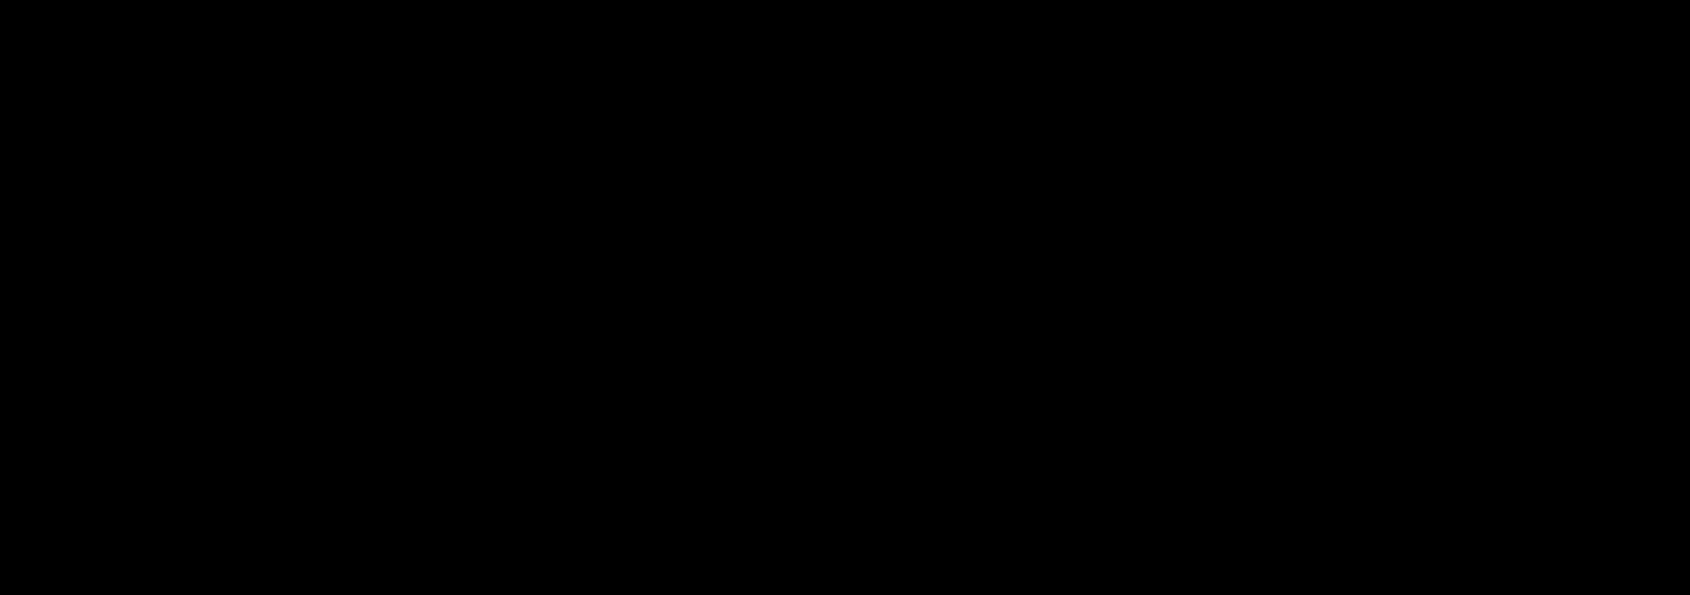 K-Anubis